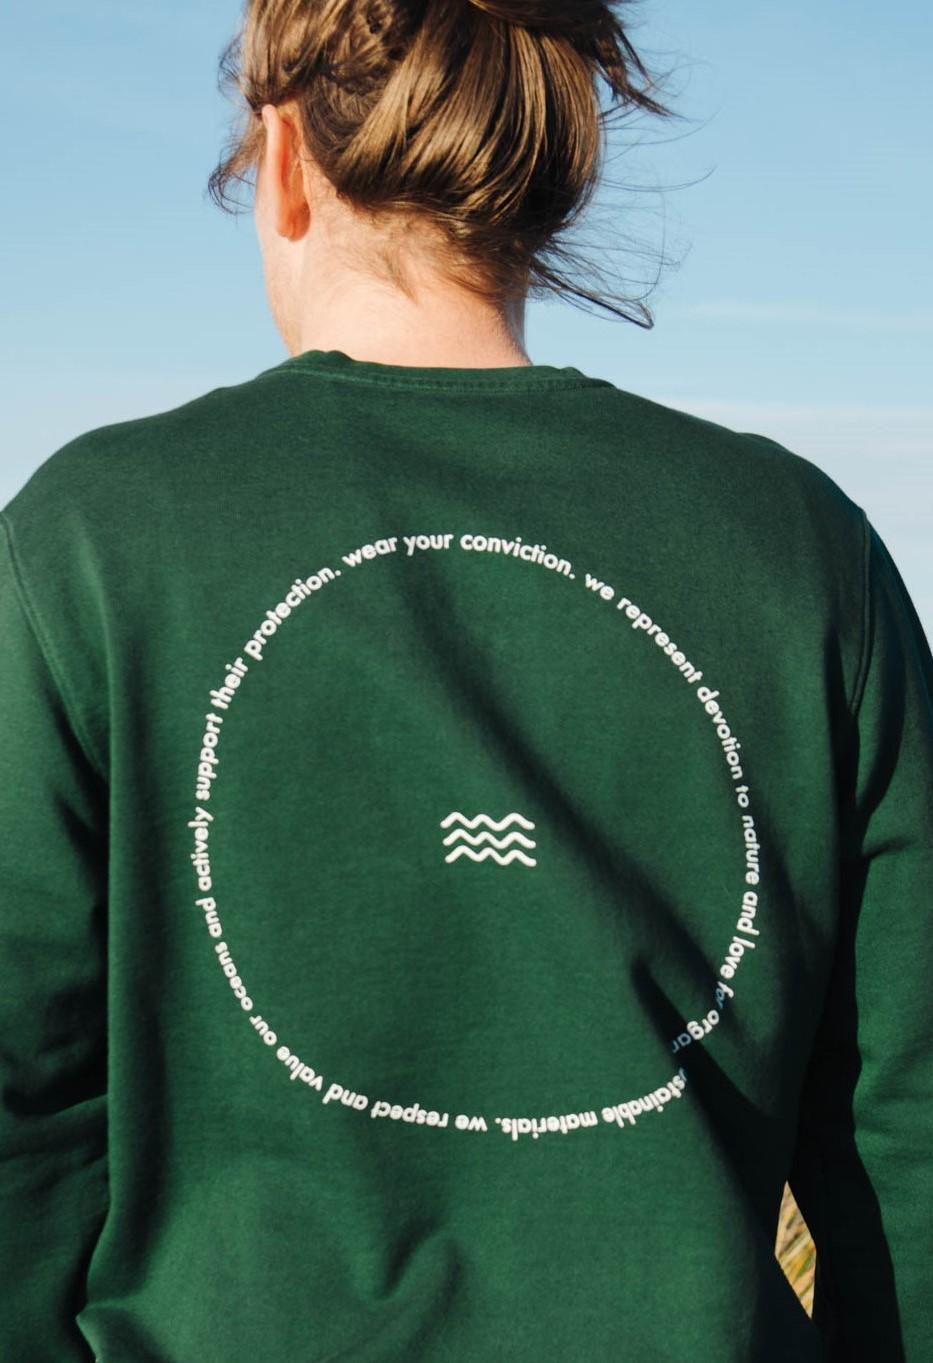 Auf dem Foto ist eine Frau von hinten zu sehen. Sie trägt einen dunkelgrünen Sweatshirt der Marke Salzwasser. Auf dem Sweatshirt ist eine weiße Schrift in Form eines Kreises aufgetragen.